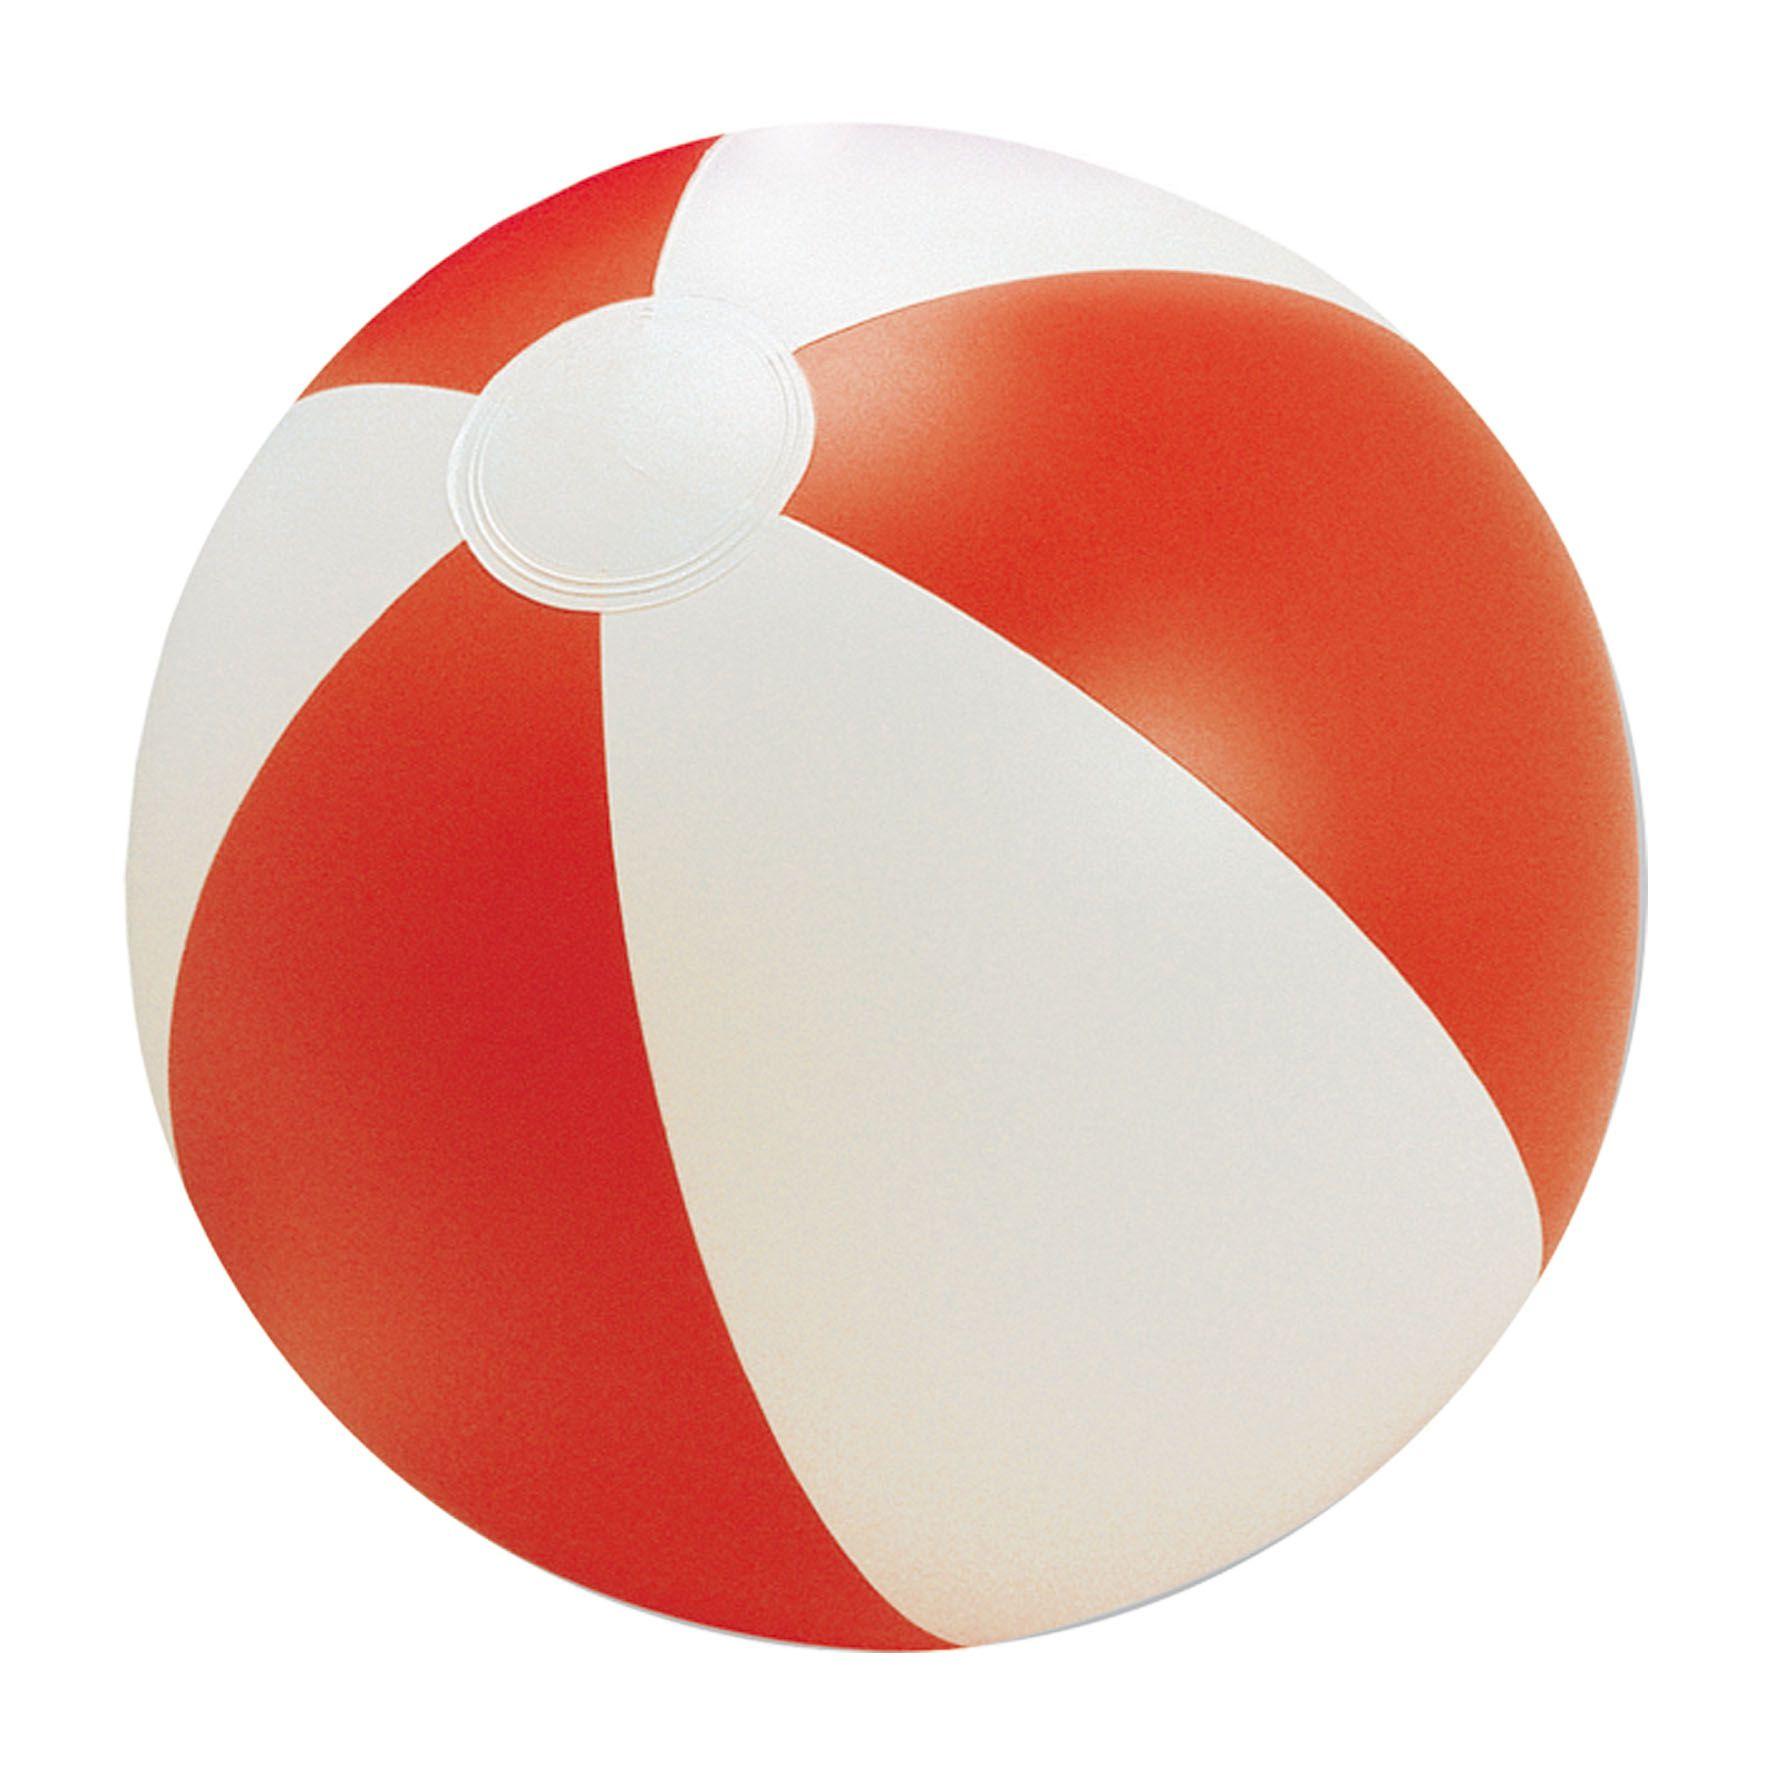 Accessoire publicitaire pour la plage - Ballon de plage Sunny - rouge